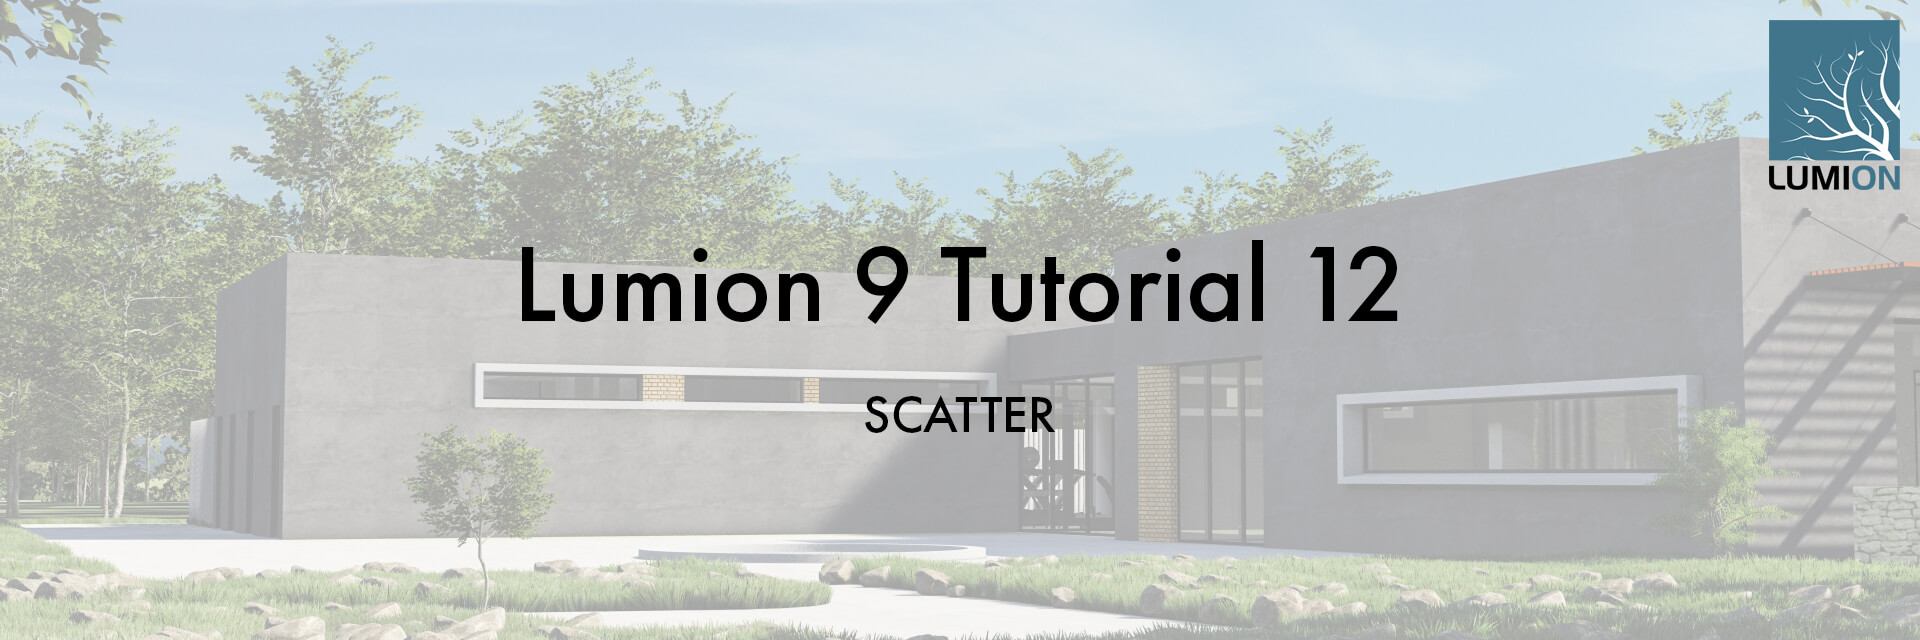 T12 ST - Lumion 9 Tutorial 12 SKATTER